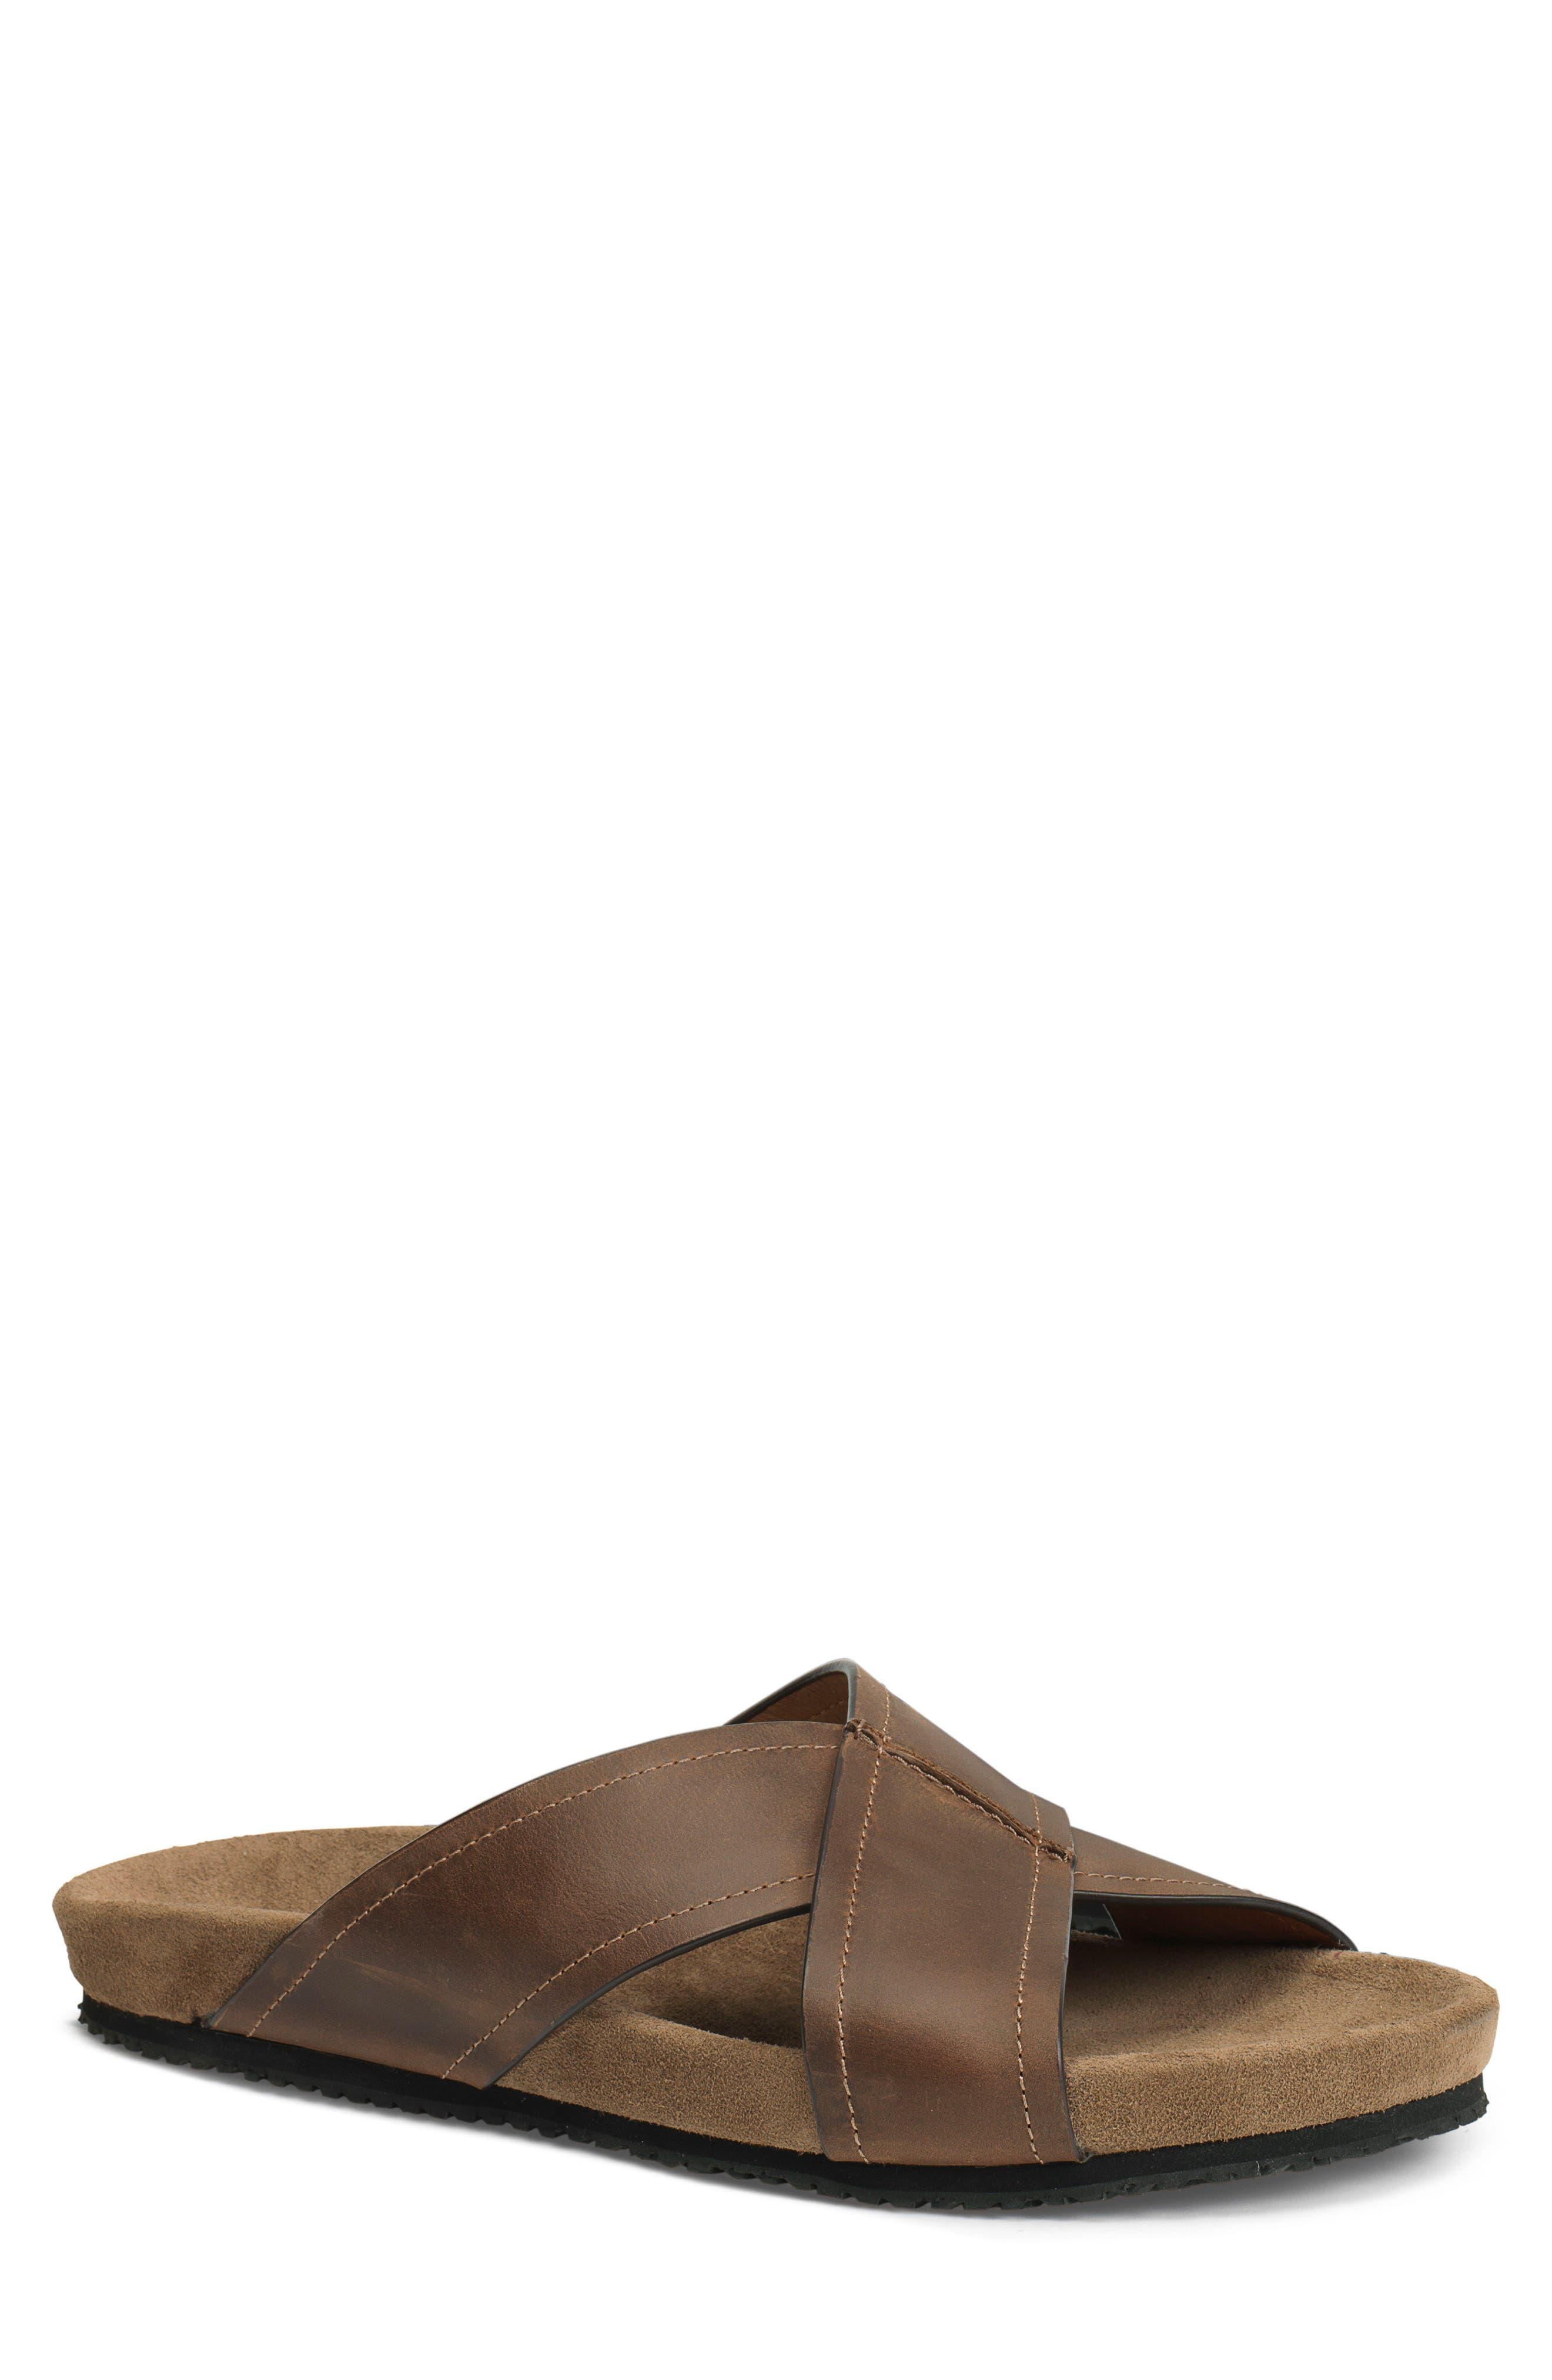 Flynn Slide Sandal,                         Main,                         color, 200